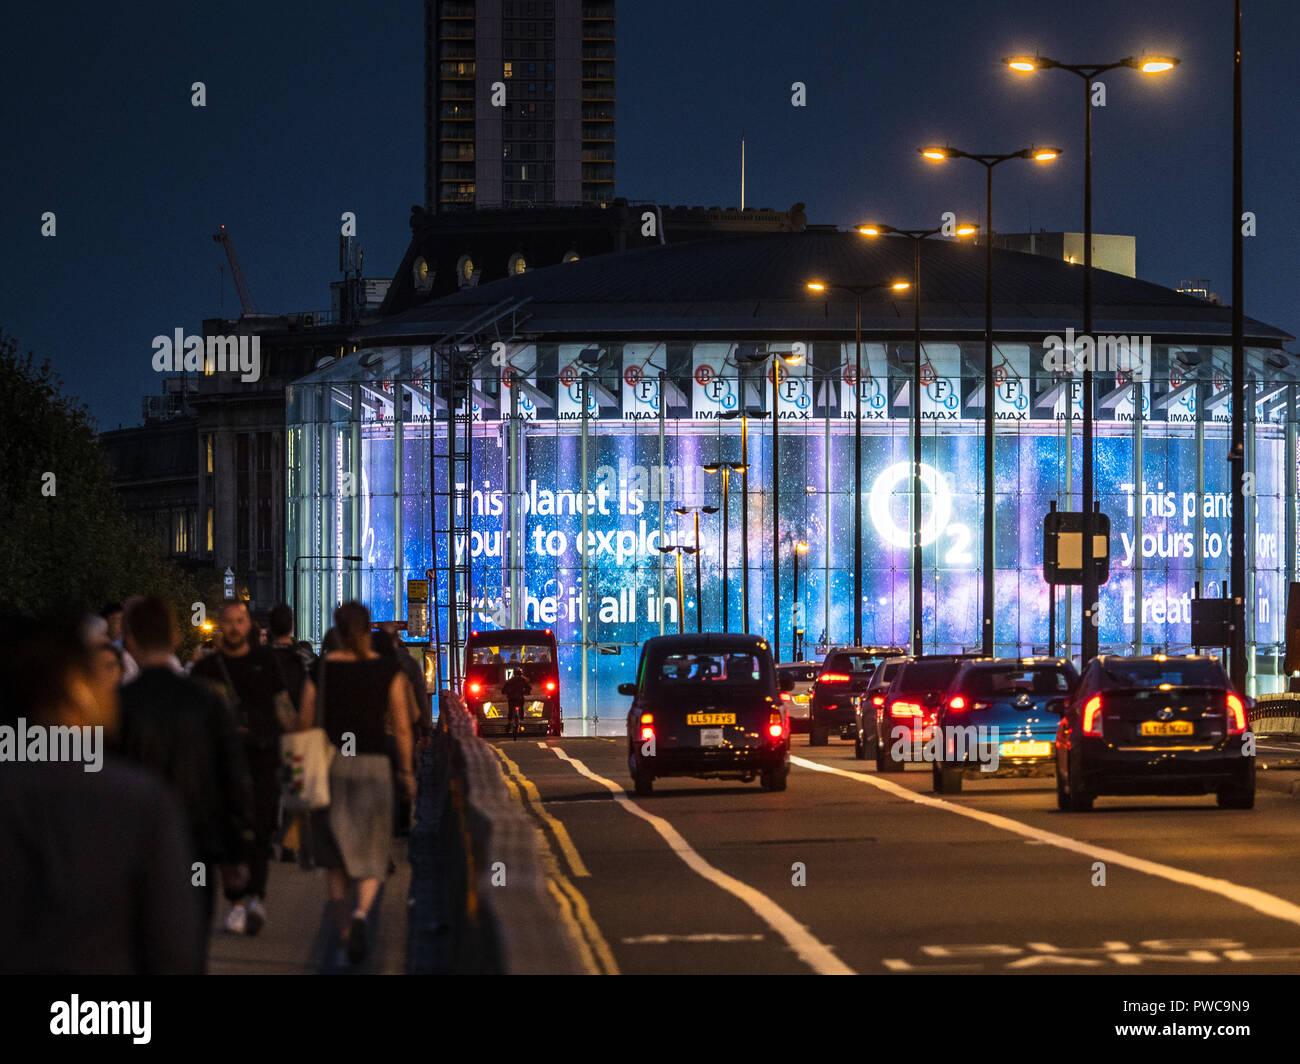 BFI IMAX Kino auf Londoner SouthBank über Waterloo Bridge, von Avery Associates Architekten im Mai 1999 abgeschlossen. Von Odeon Kinos betrieben. Stockbild